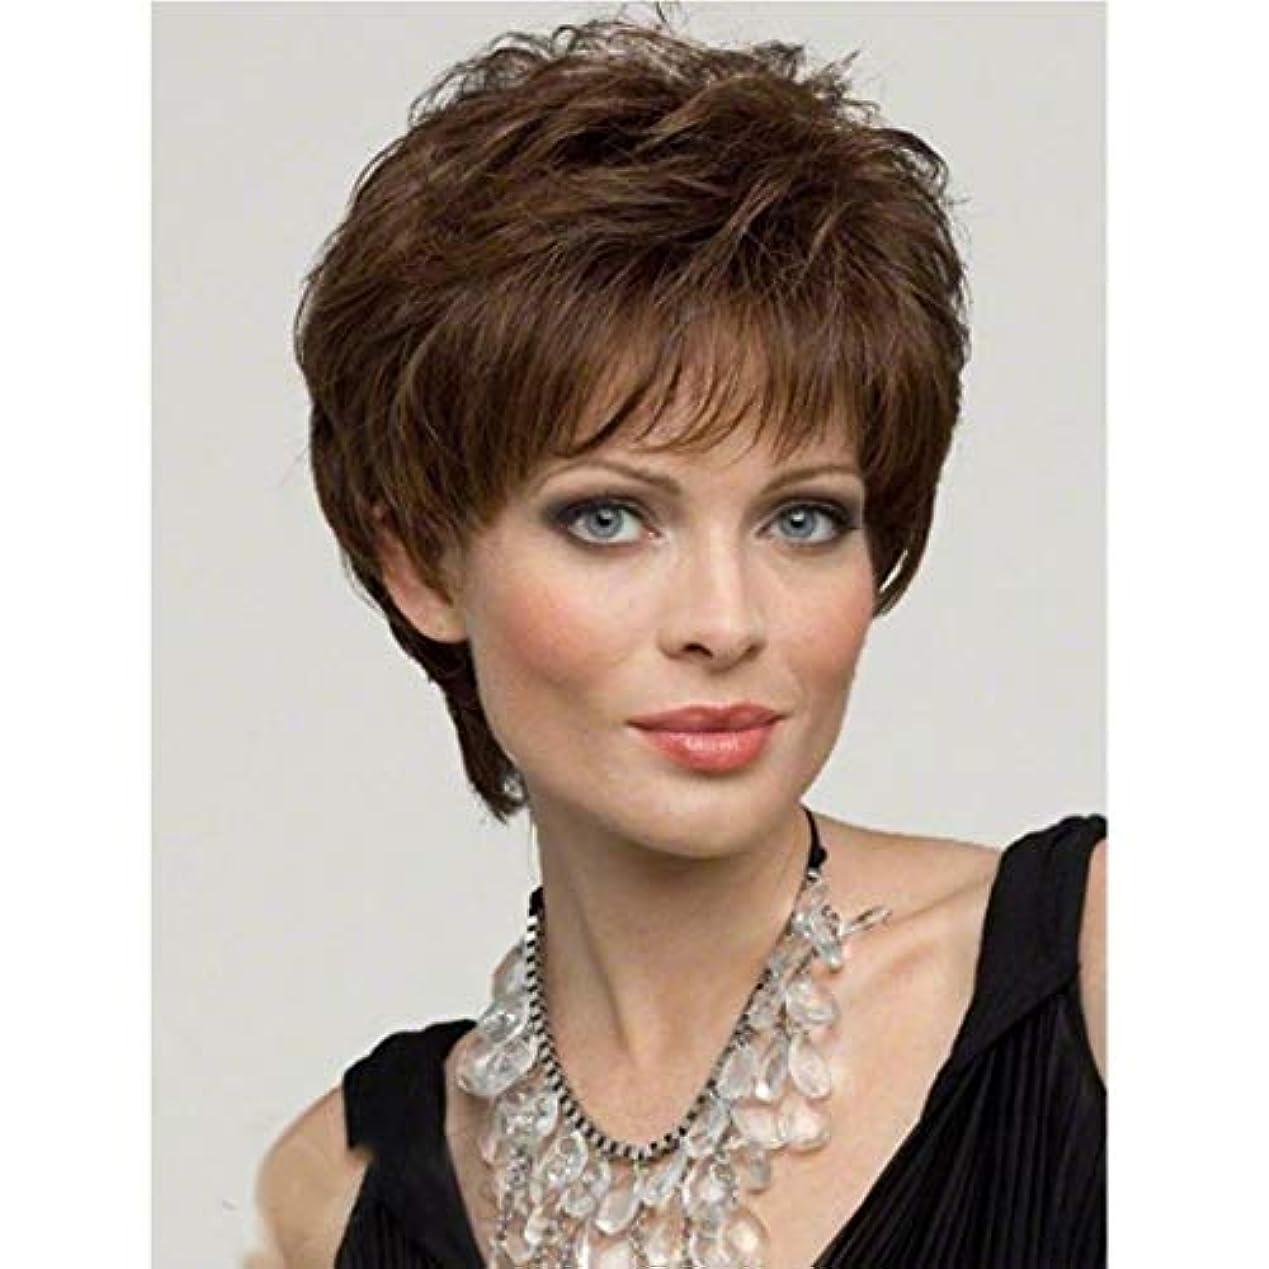 ロッド全滅させる周囲Kerwinner 女性のための茶色のかつら短い巻き毛のかつら合成完全女性のかつら